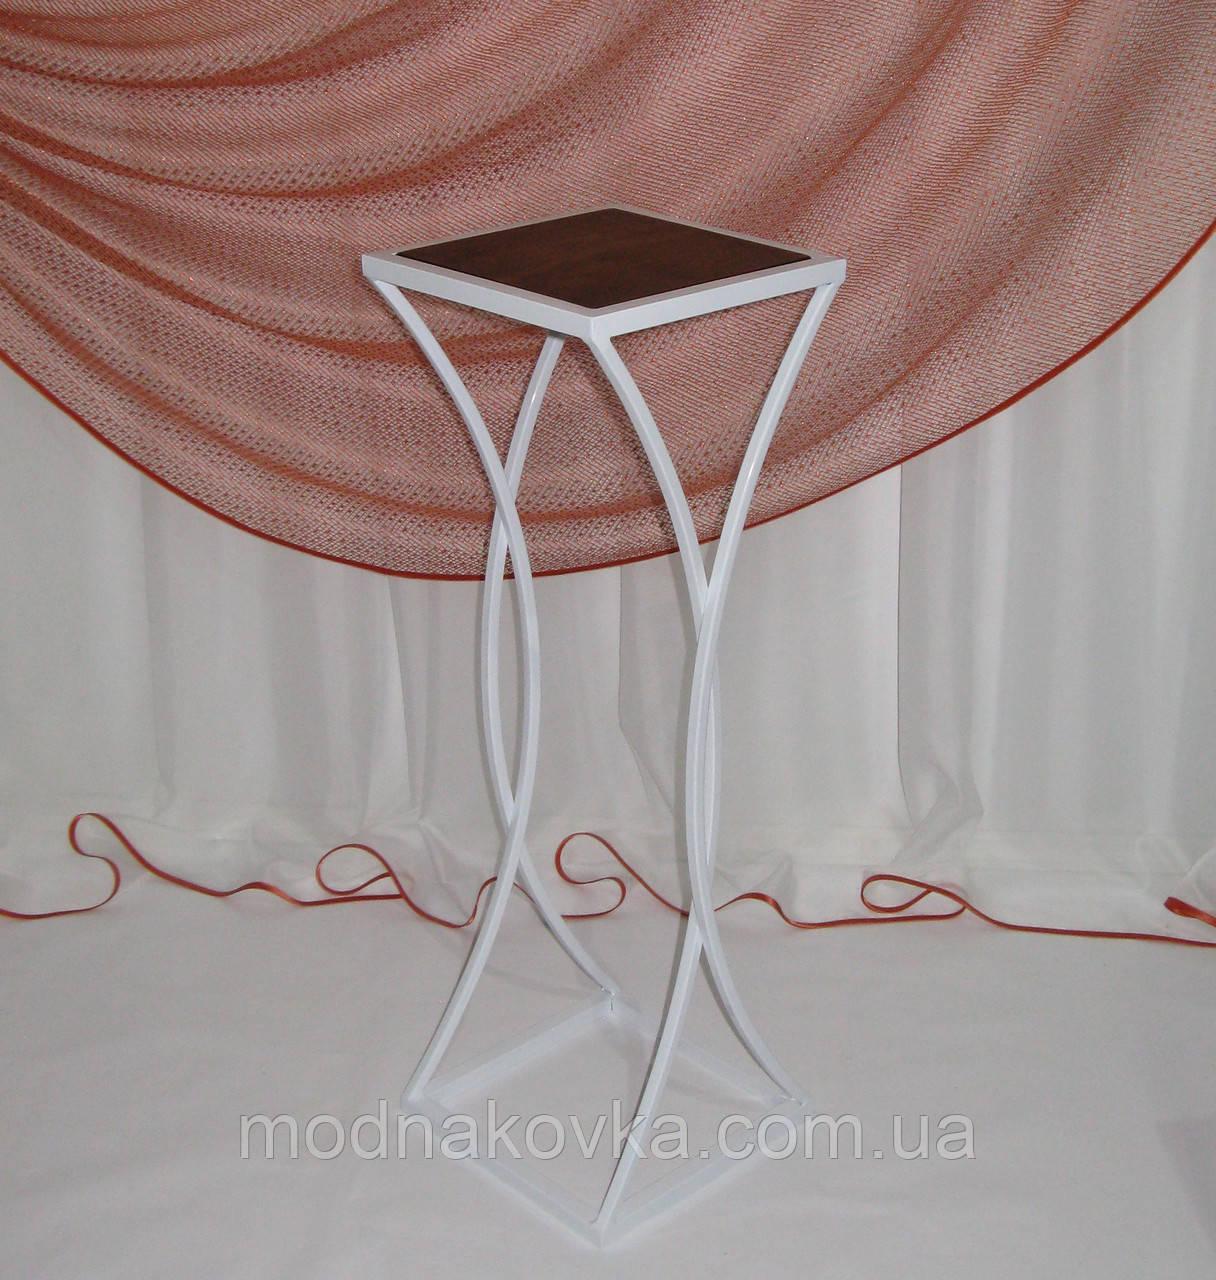 Стол-консоль кованый №4 малый белый, фото 1